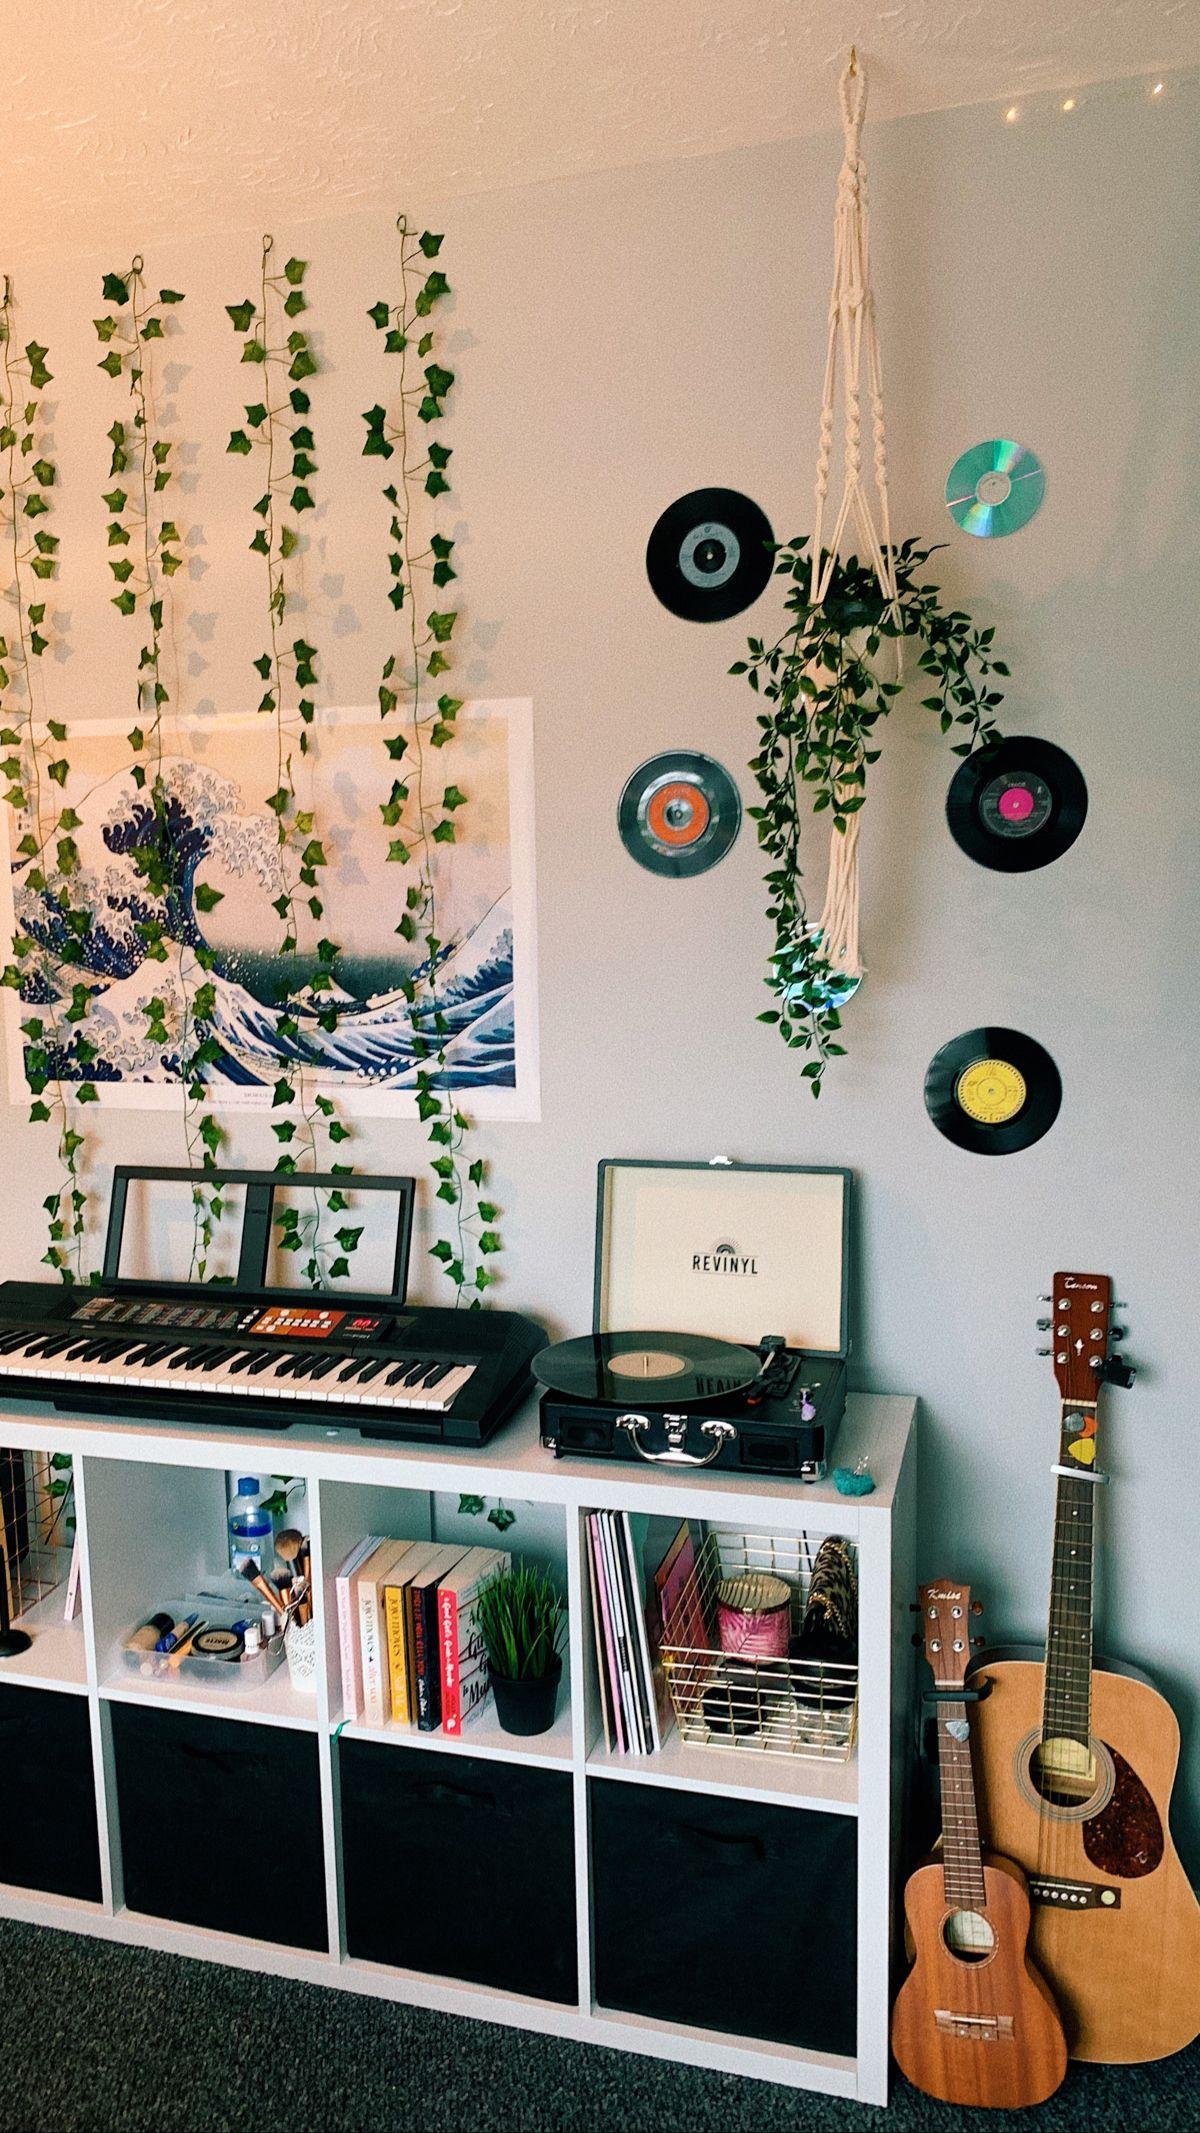 Épinglé par Lana Serrano sur vsco en 2019 | Deco chambre ...